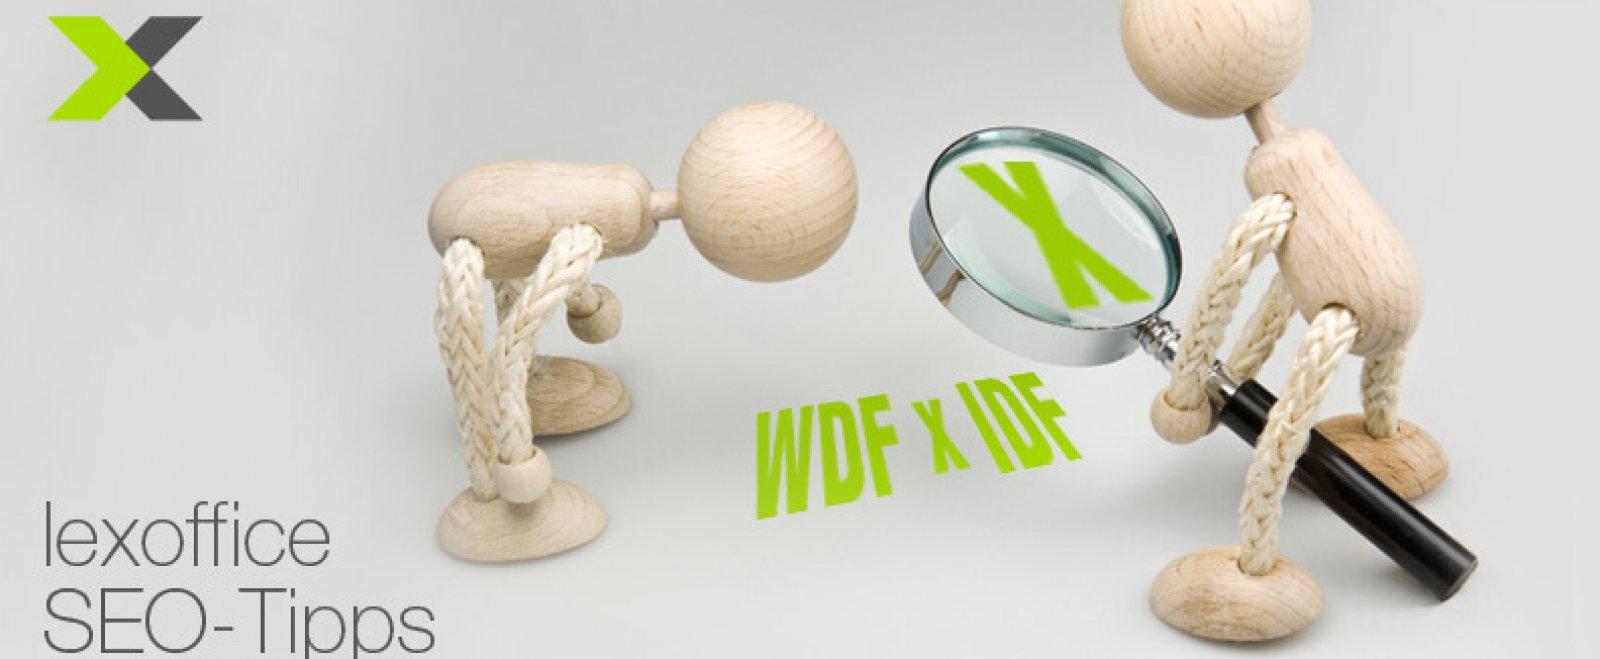 SEO für Gründer: Was ist WDF*IDF